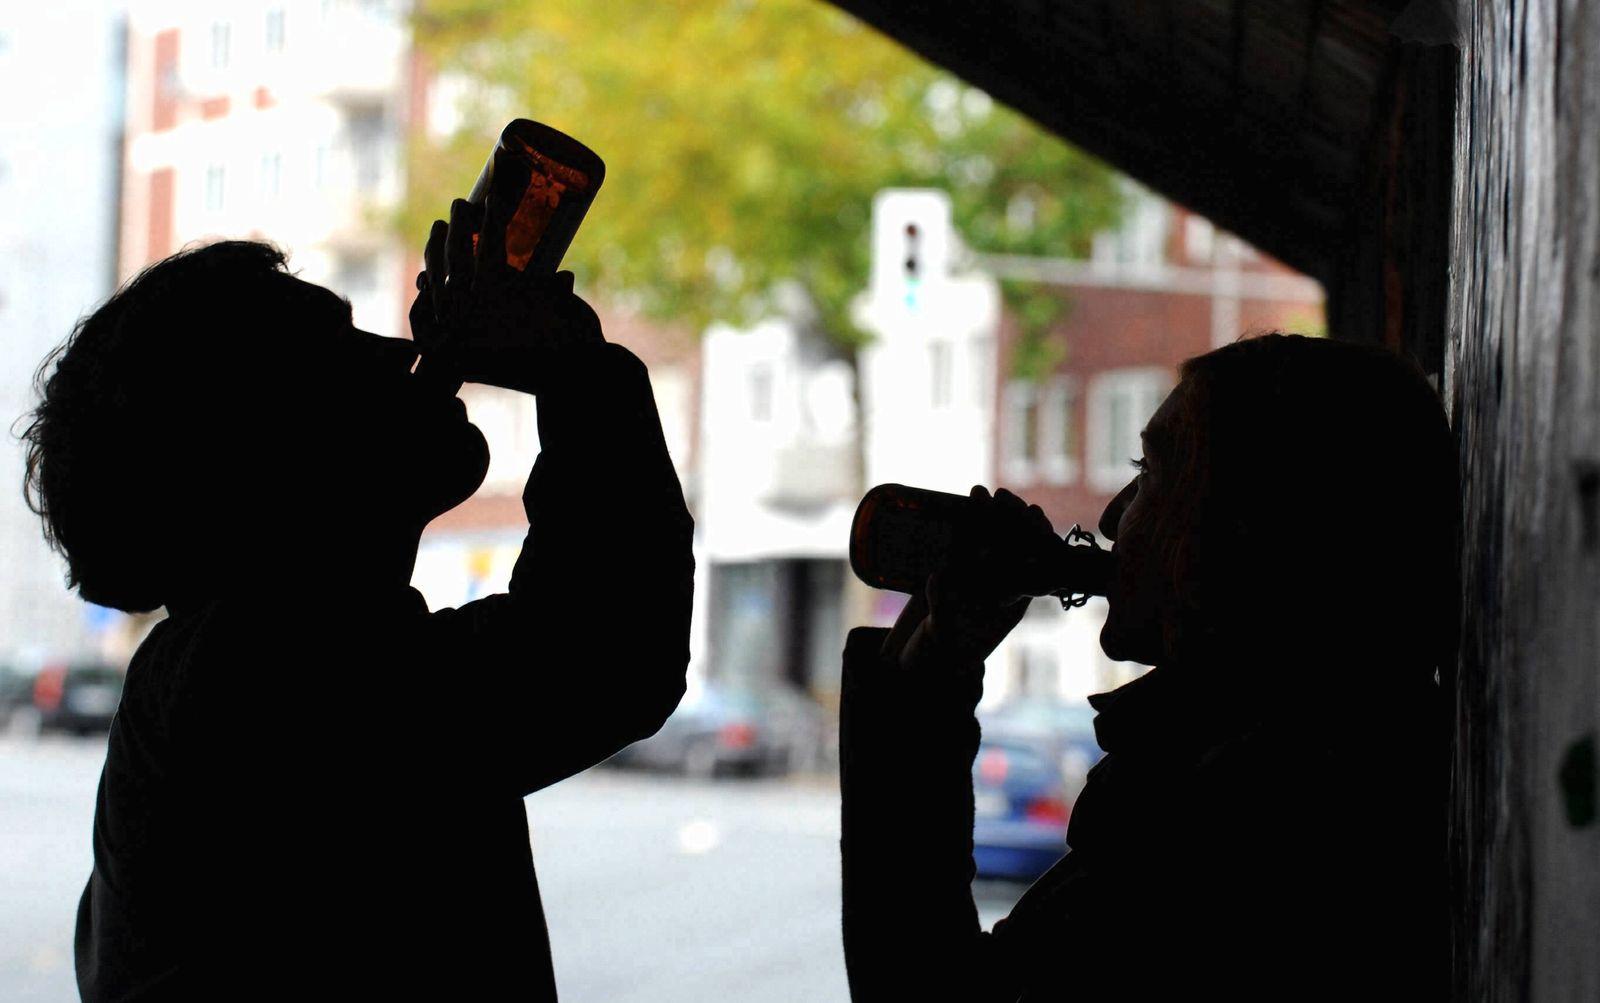 NICHT VERWENDEN Alkohol Komasaufen